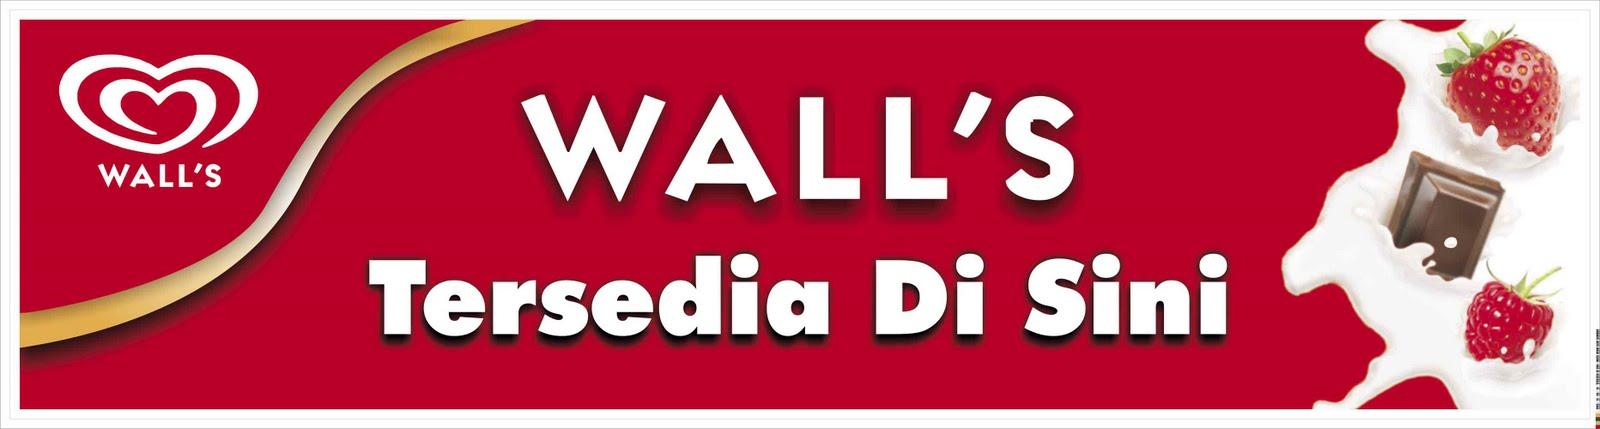 Produksi Digital printing Berupa Spanduk Vinil Walls Tersedia Di ...